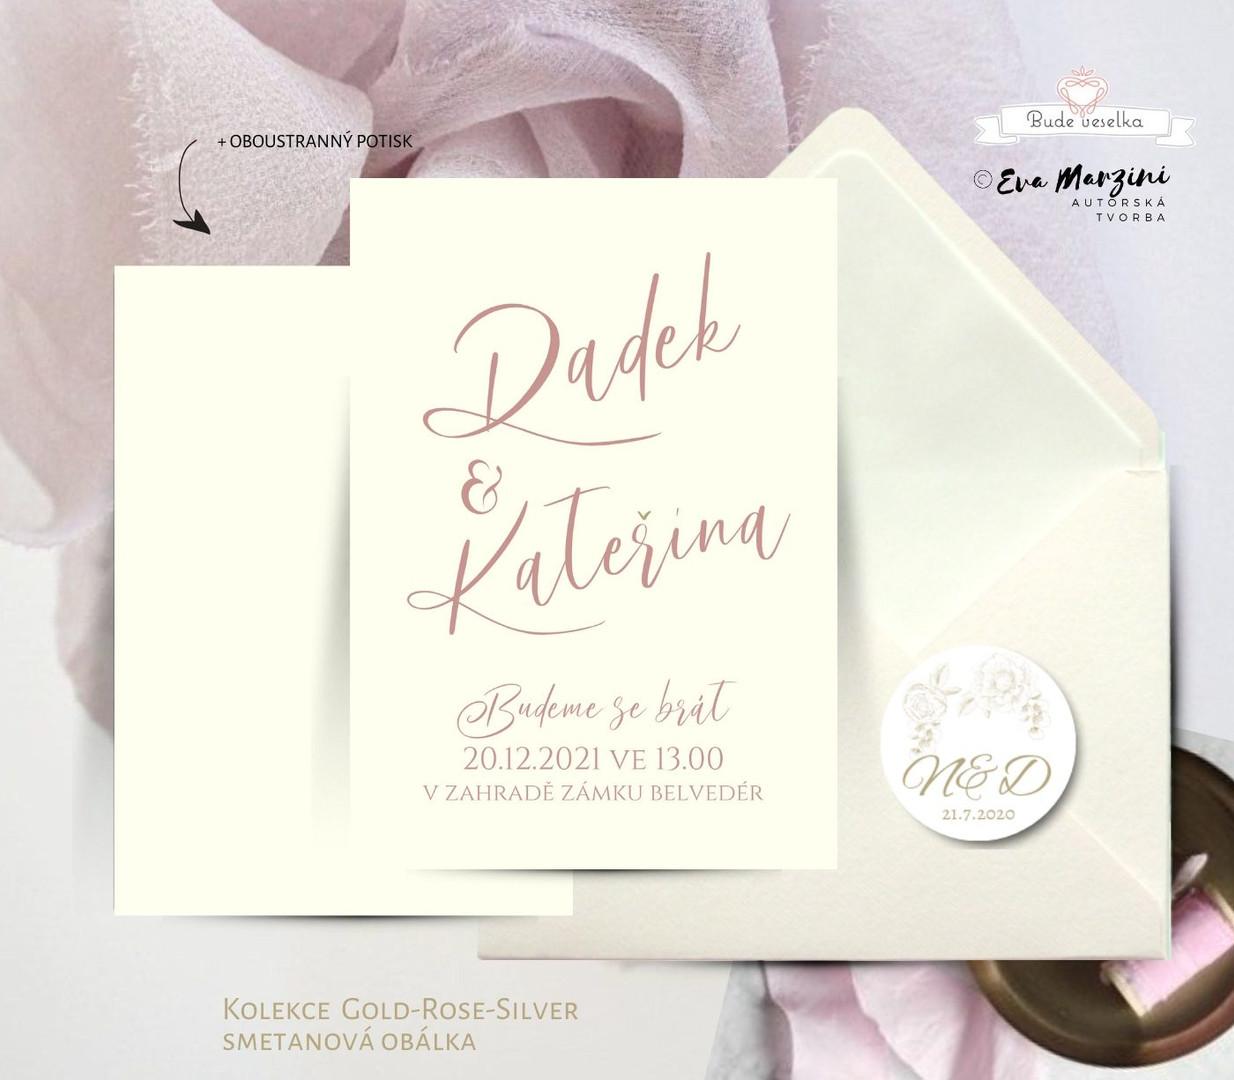 2_2020_Kolekce_Gold-Rose-Silver_+_ZLATAÌ